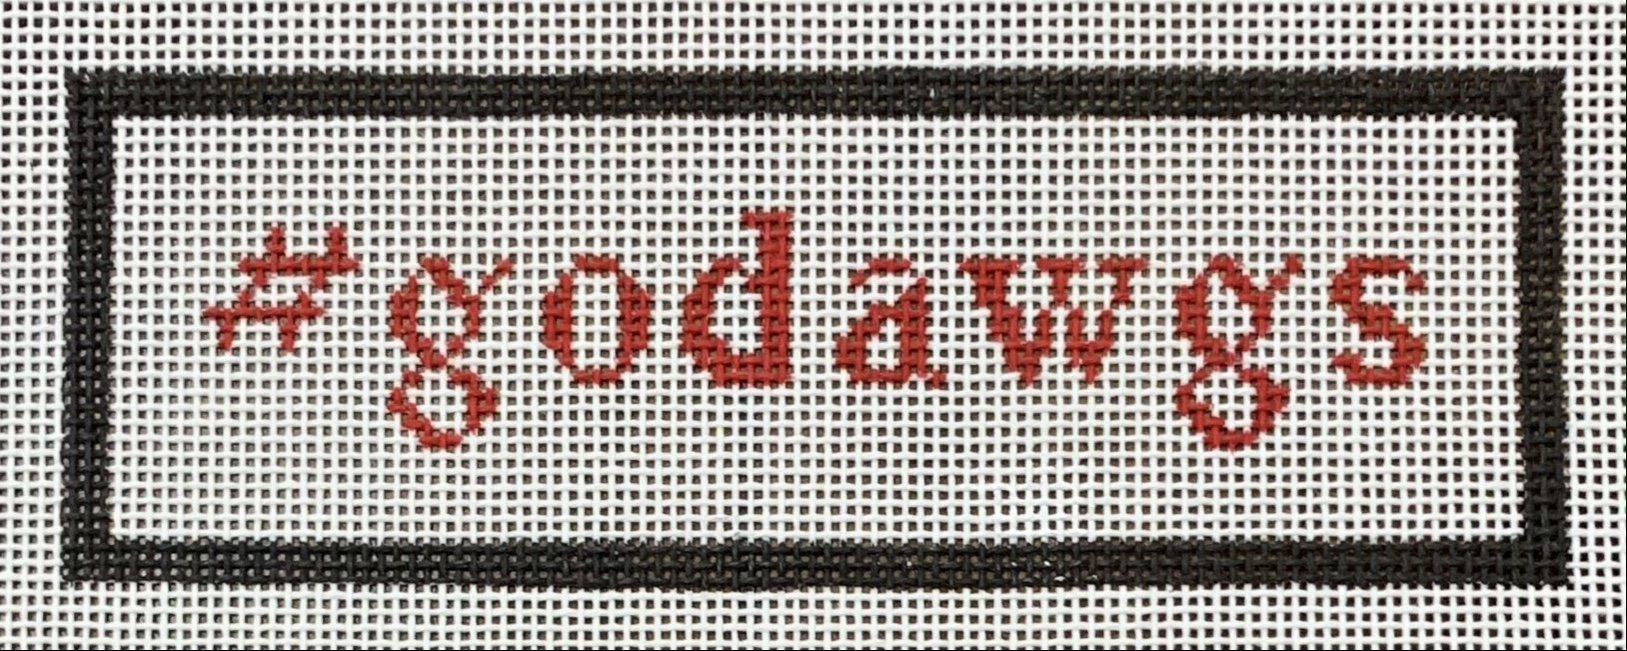 #godawgs